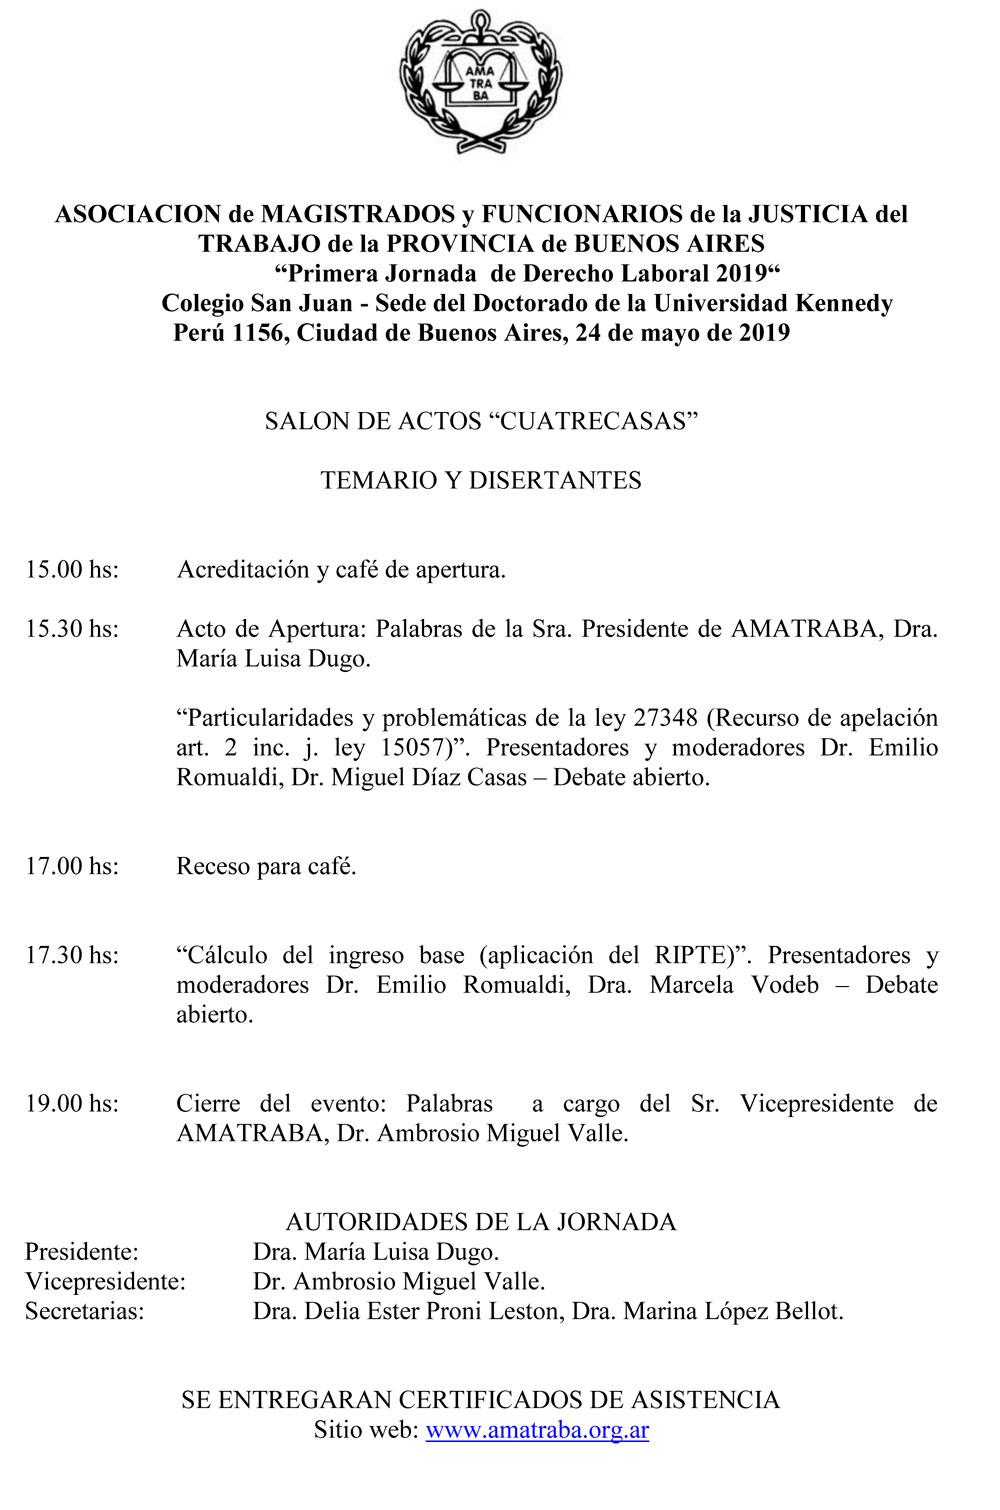 Primera Jornada Jornada de Derecho Laboral 2019